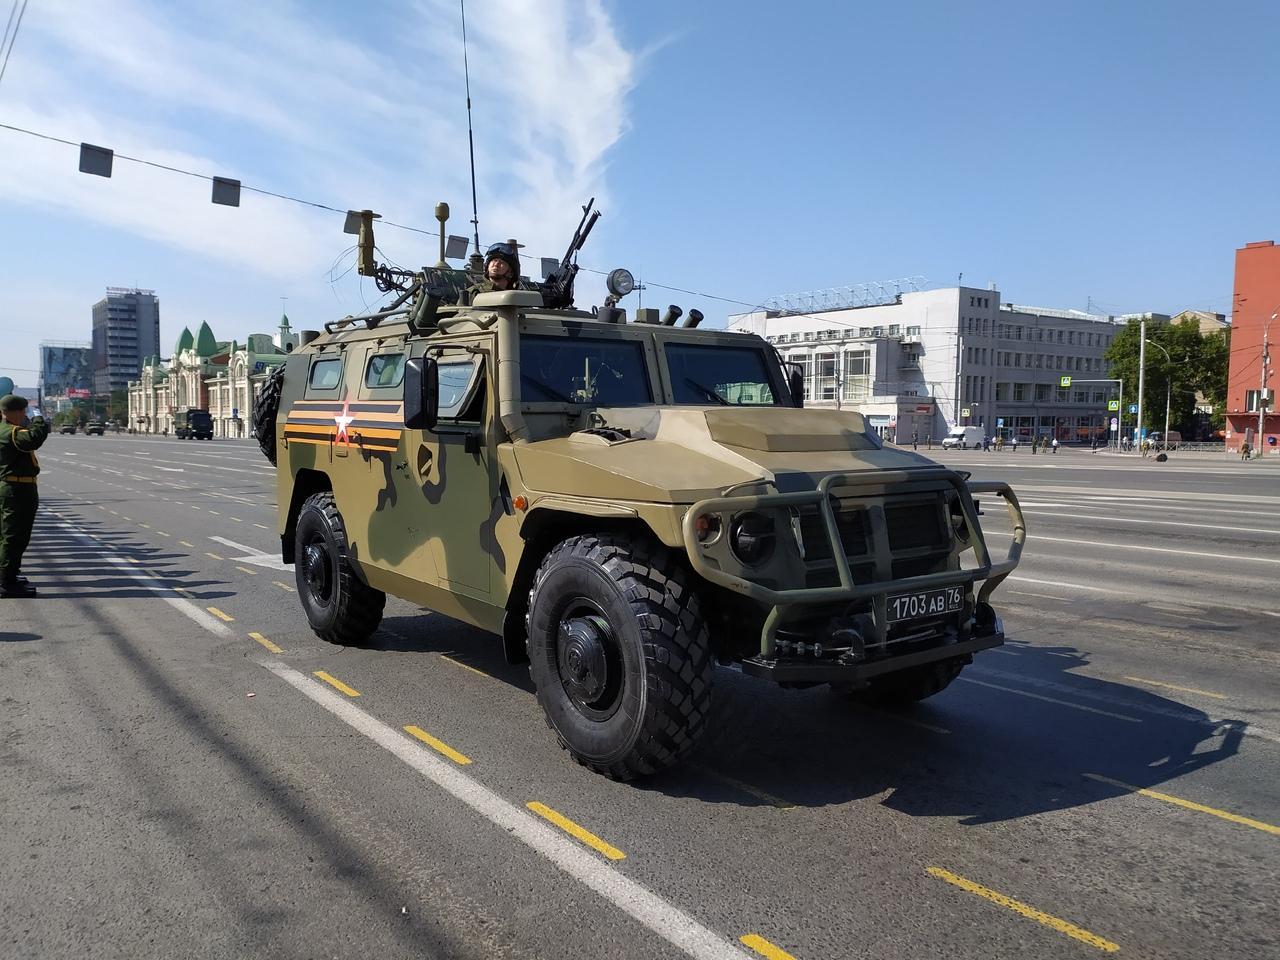 Фото Парад Победы в Новосибирске: лучшие кадры с закрытой для зрителей площади Ленина 21